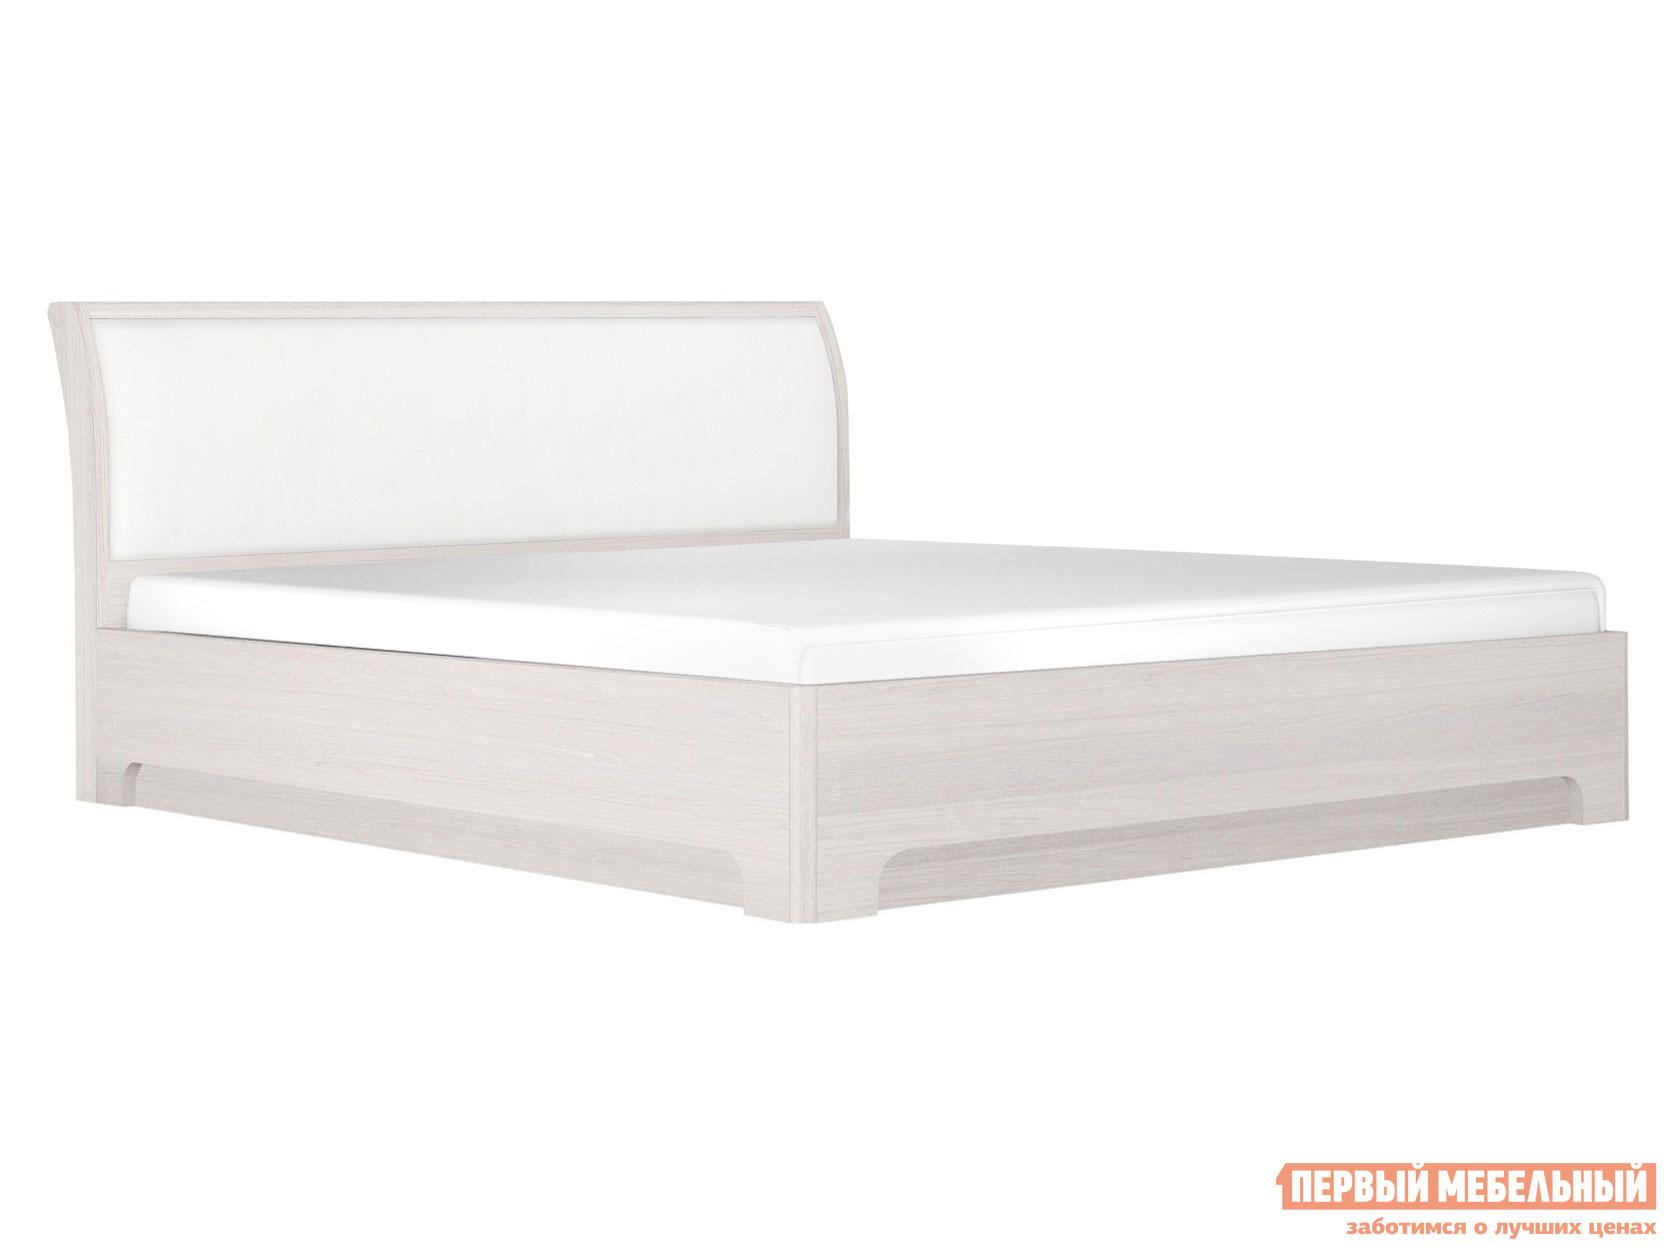 Двуспальная кровать  Кровать Парма Нео 3 Ясень анкор светлый / Экокожа белая, 1600 Х 2000 мм, С подъемным механизмом